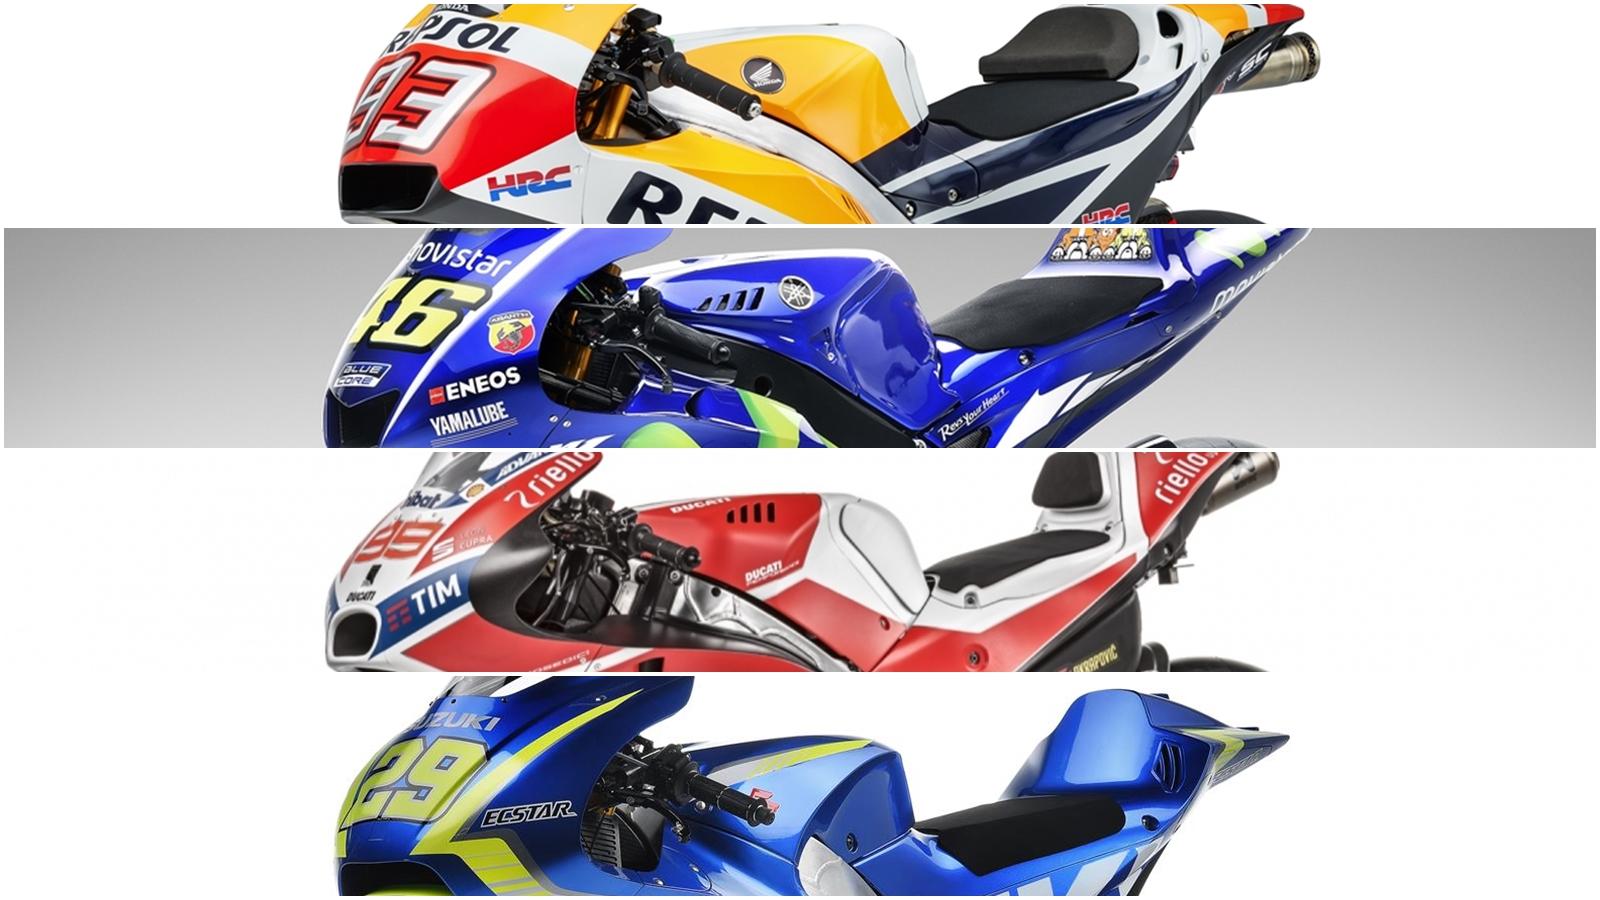 ¿Cuál de estas motos ganará MotoGP 2017?